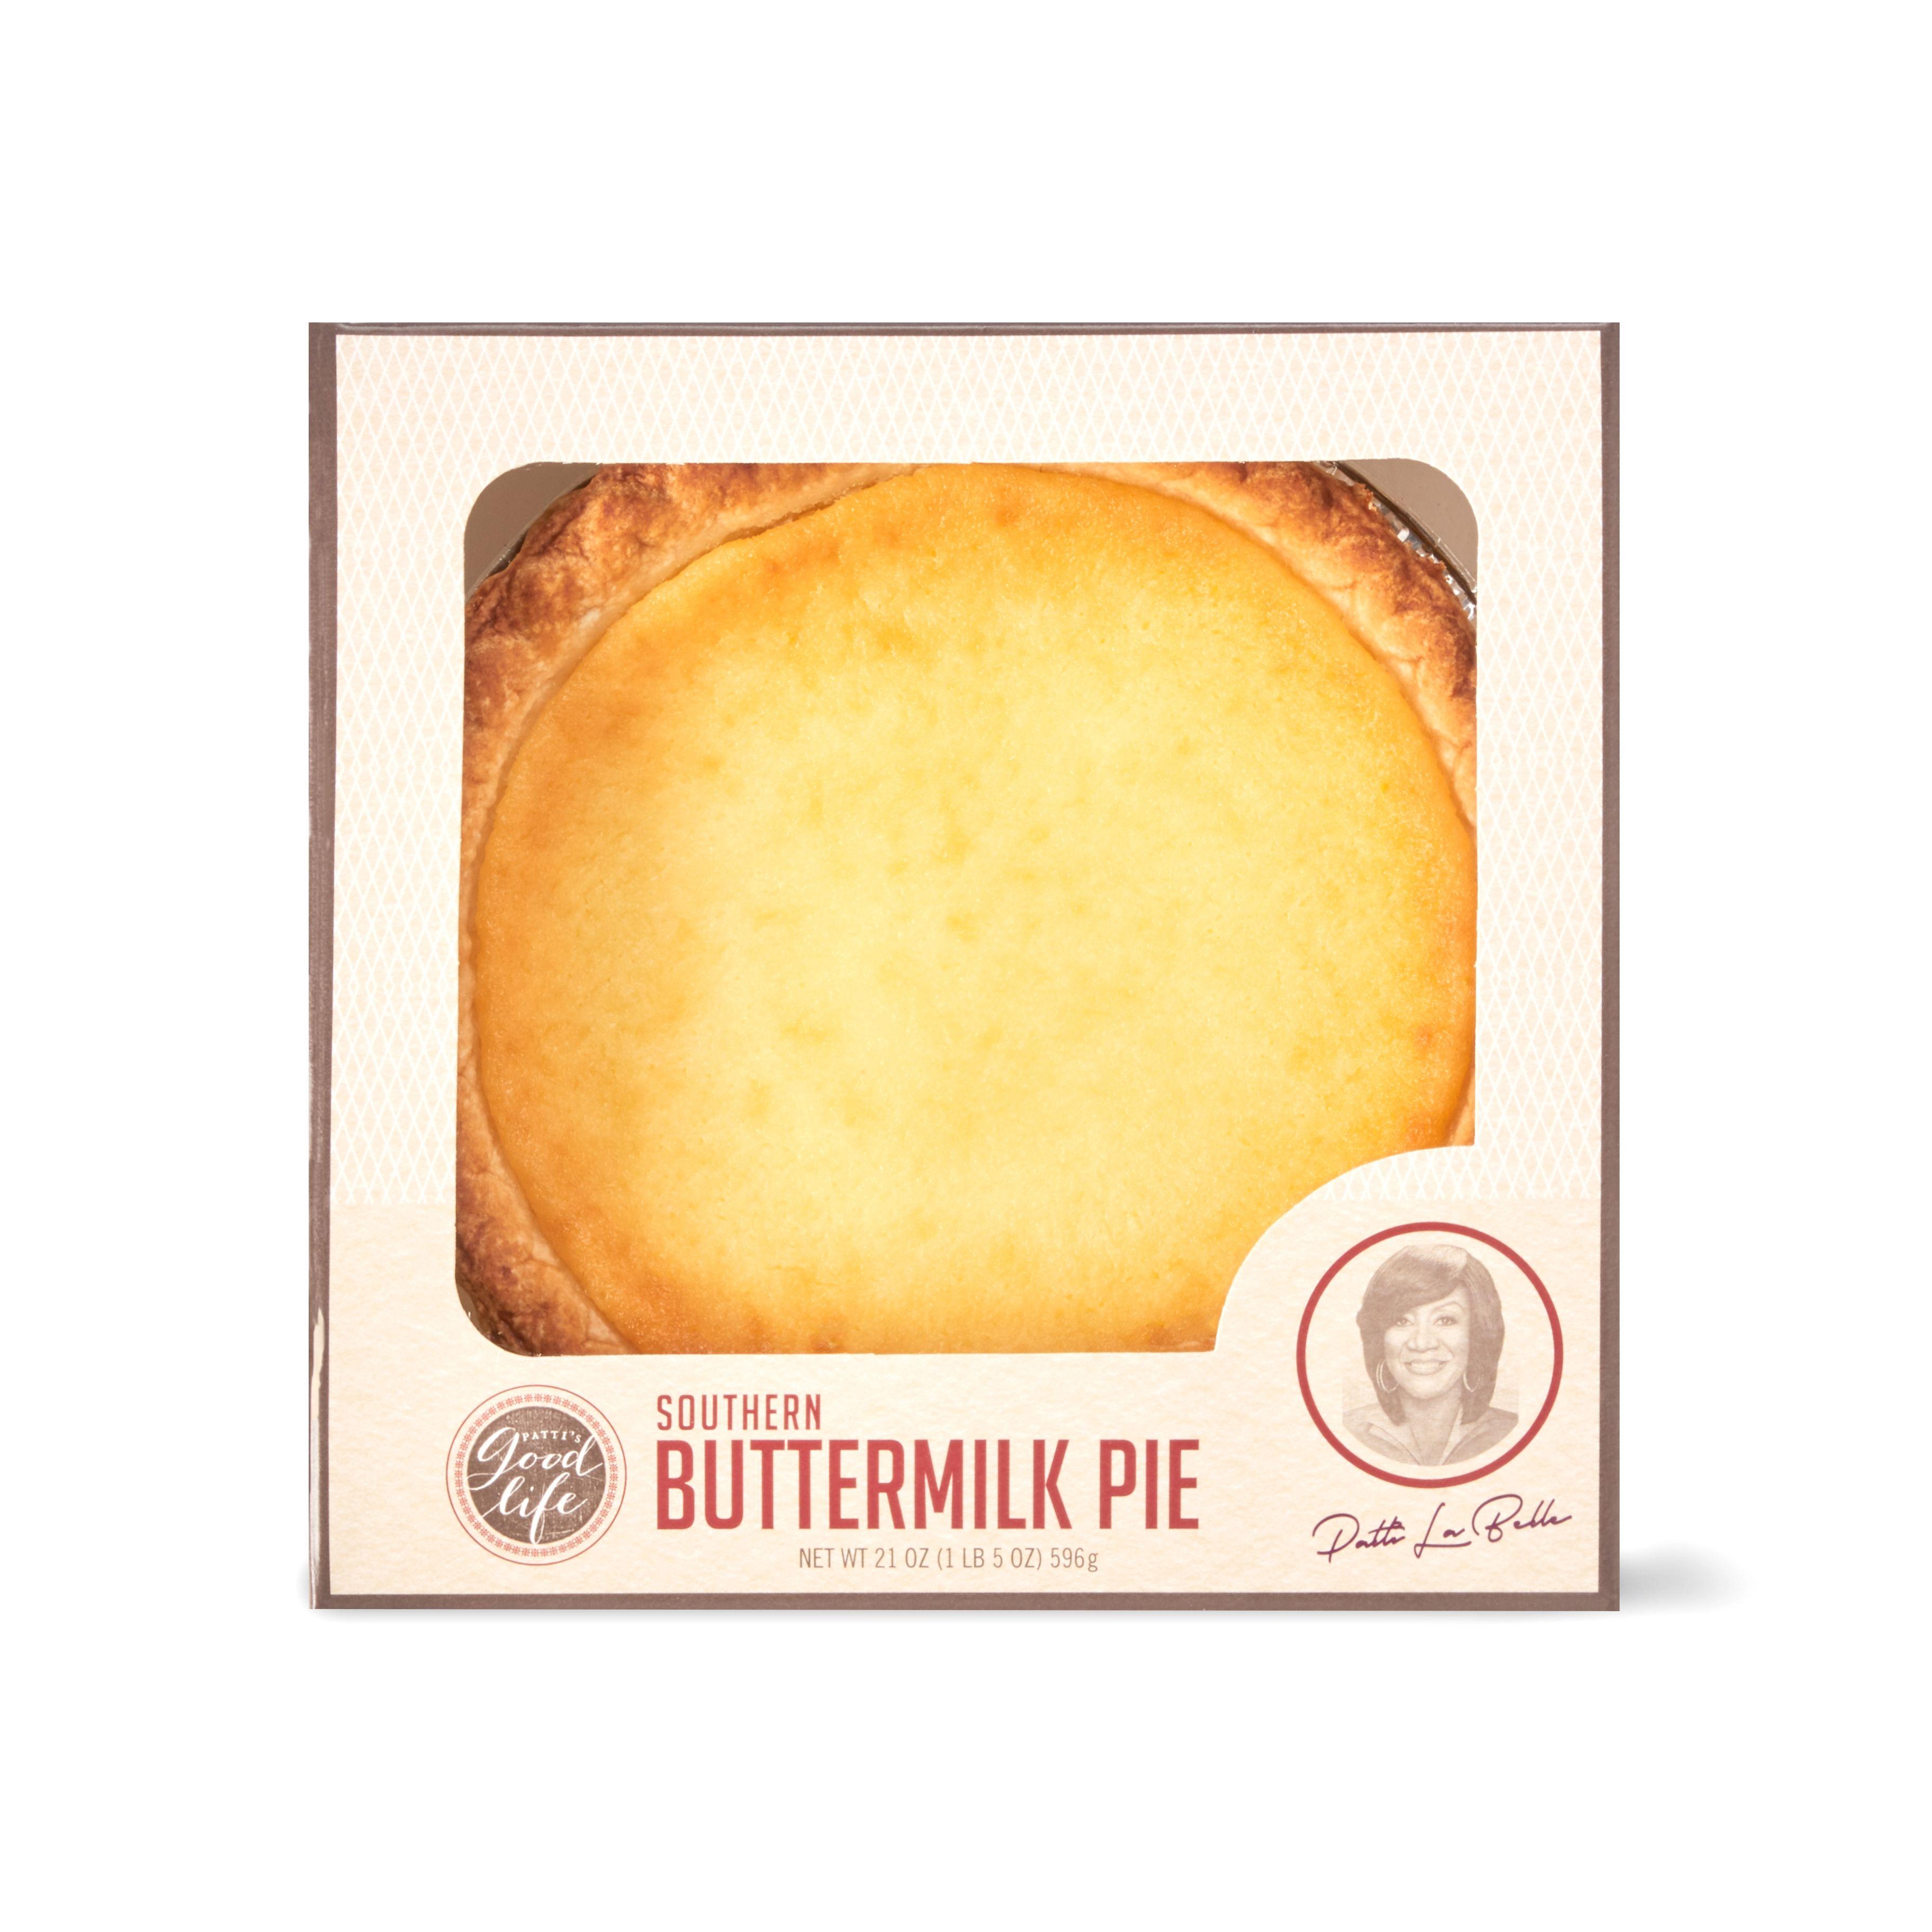 Food Buttermilk Pie Southern Buttermilk Pie Buttermilk